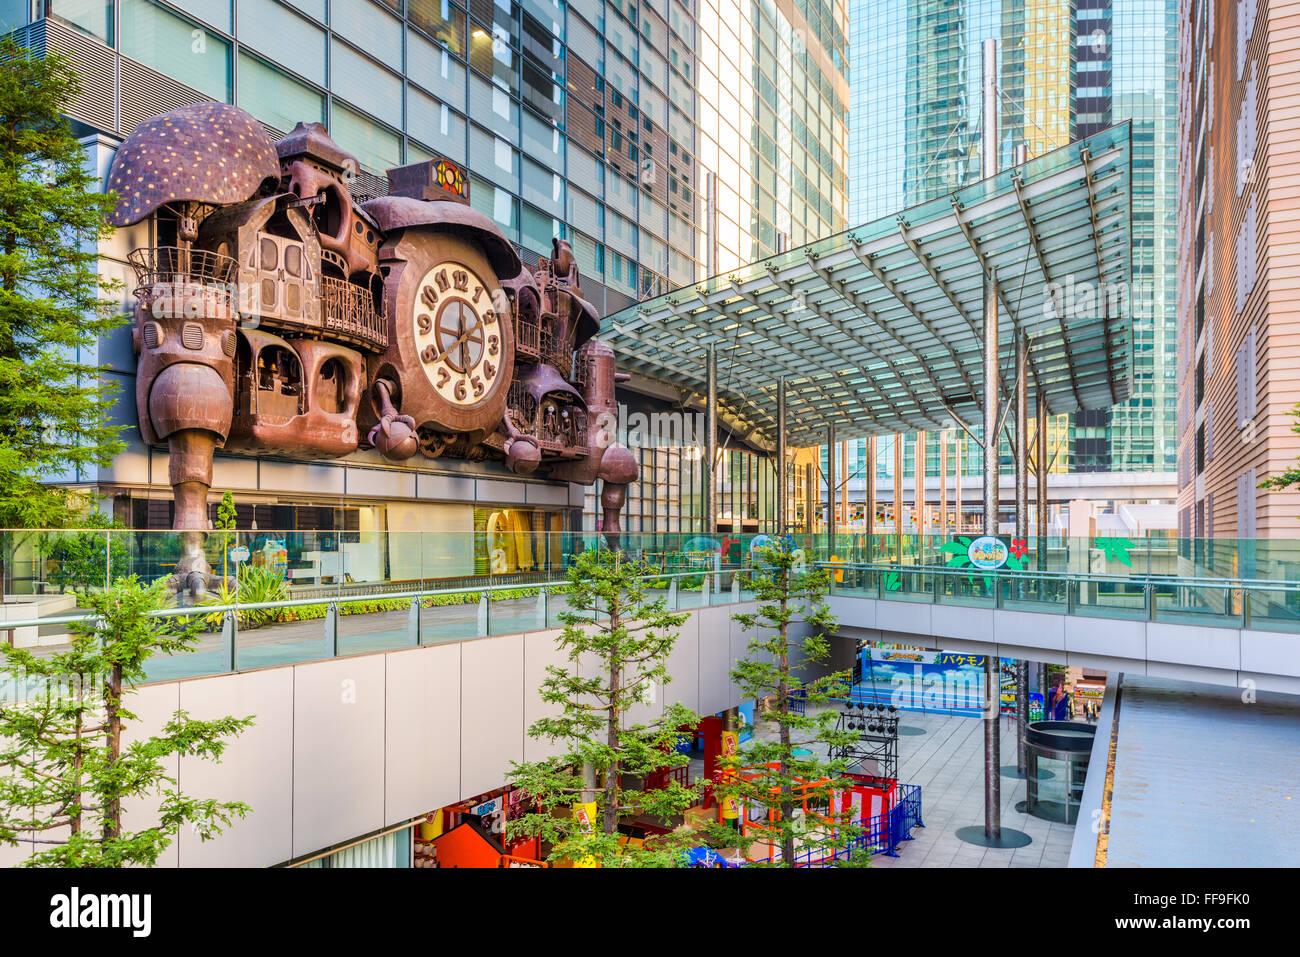 La NTV edificio di fantasia ispirato grande orologio nel quartiere di Shiodome di Tokyo, Giappone. Immagini Stock